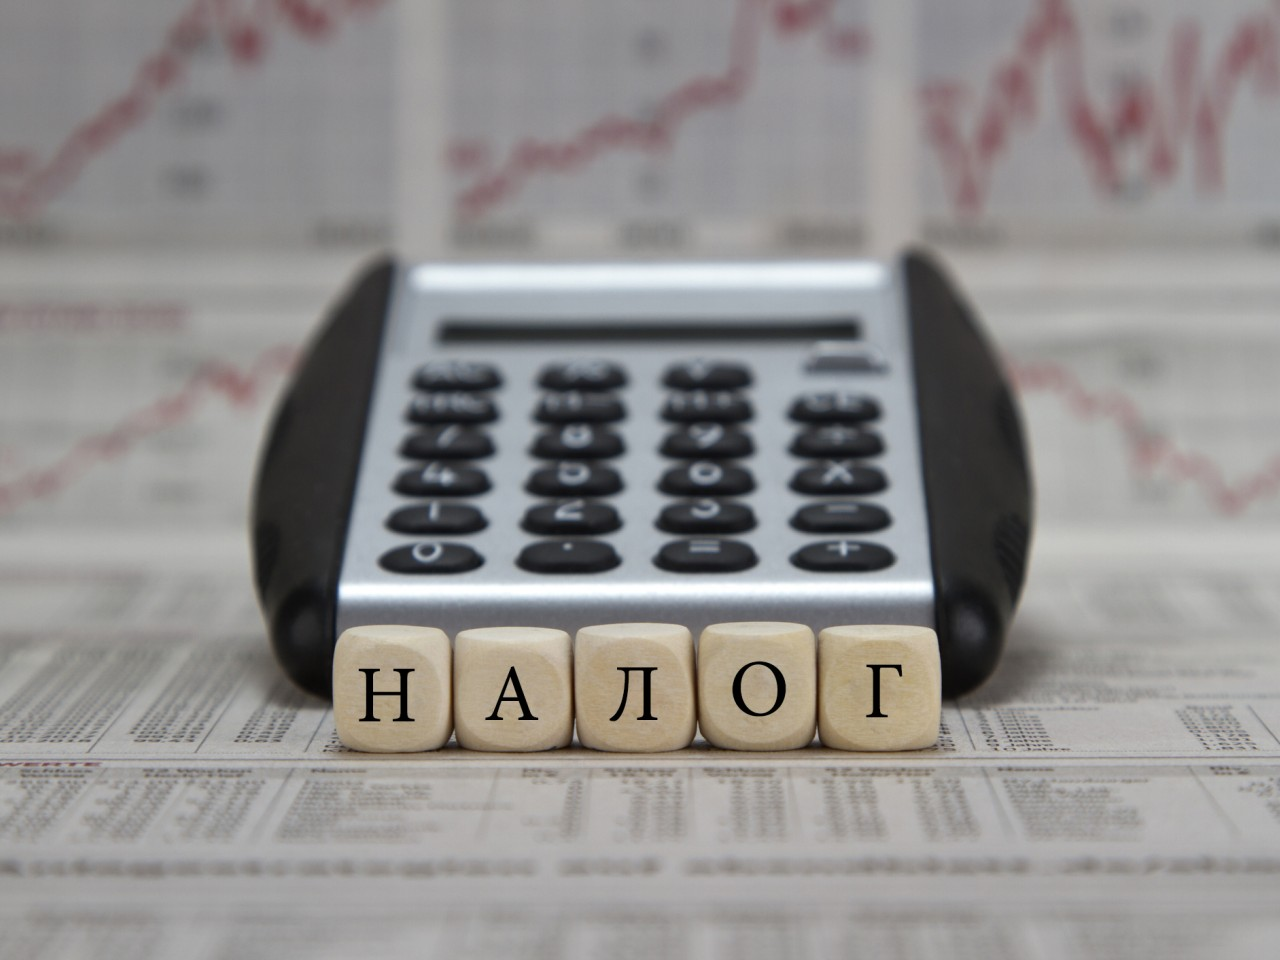 В Твери руководитель фирмы задолжал налоговой службе 18 млн рублей